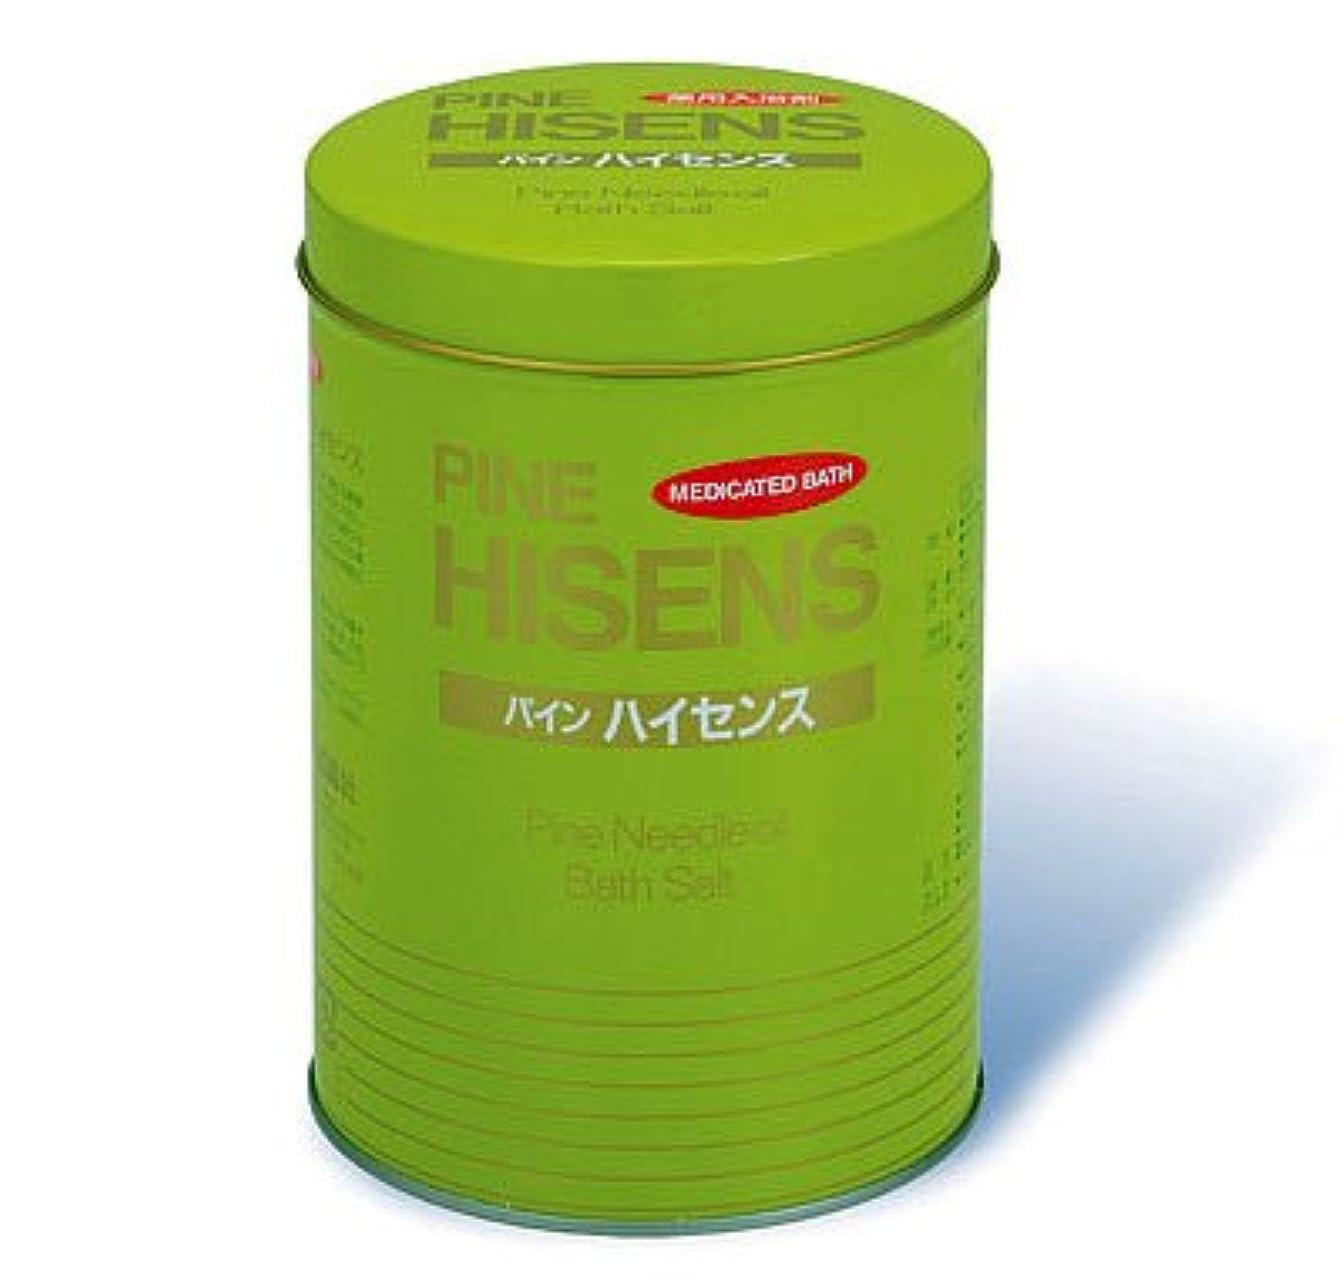 アパル綺麗なすでに高陽社 薬用入浴剤 パインハイセンス 2.1kg 1缶